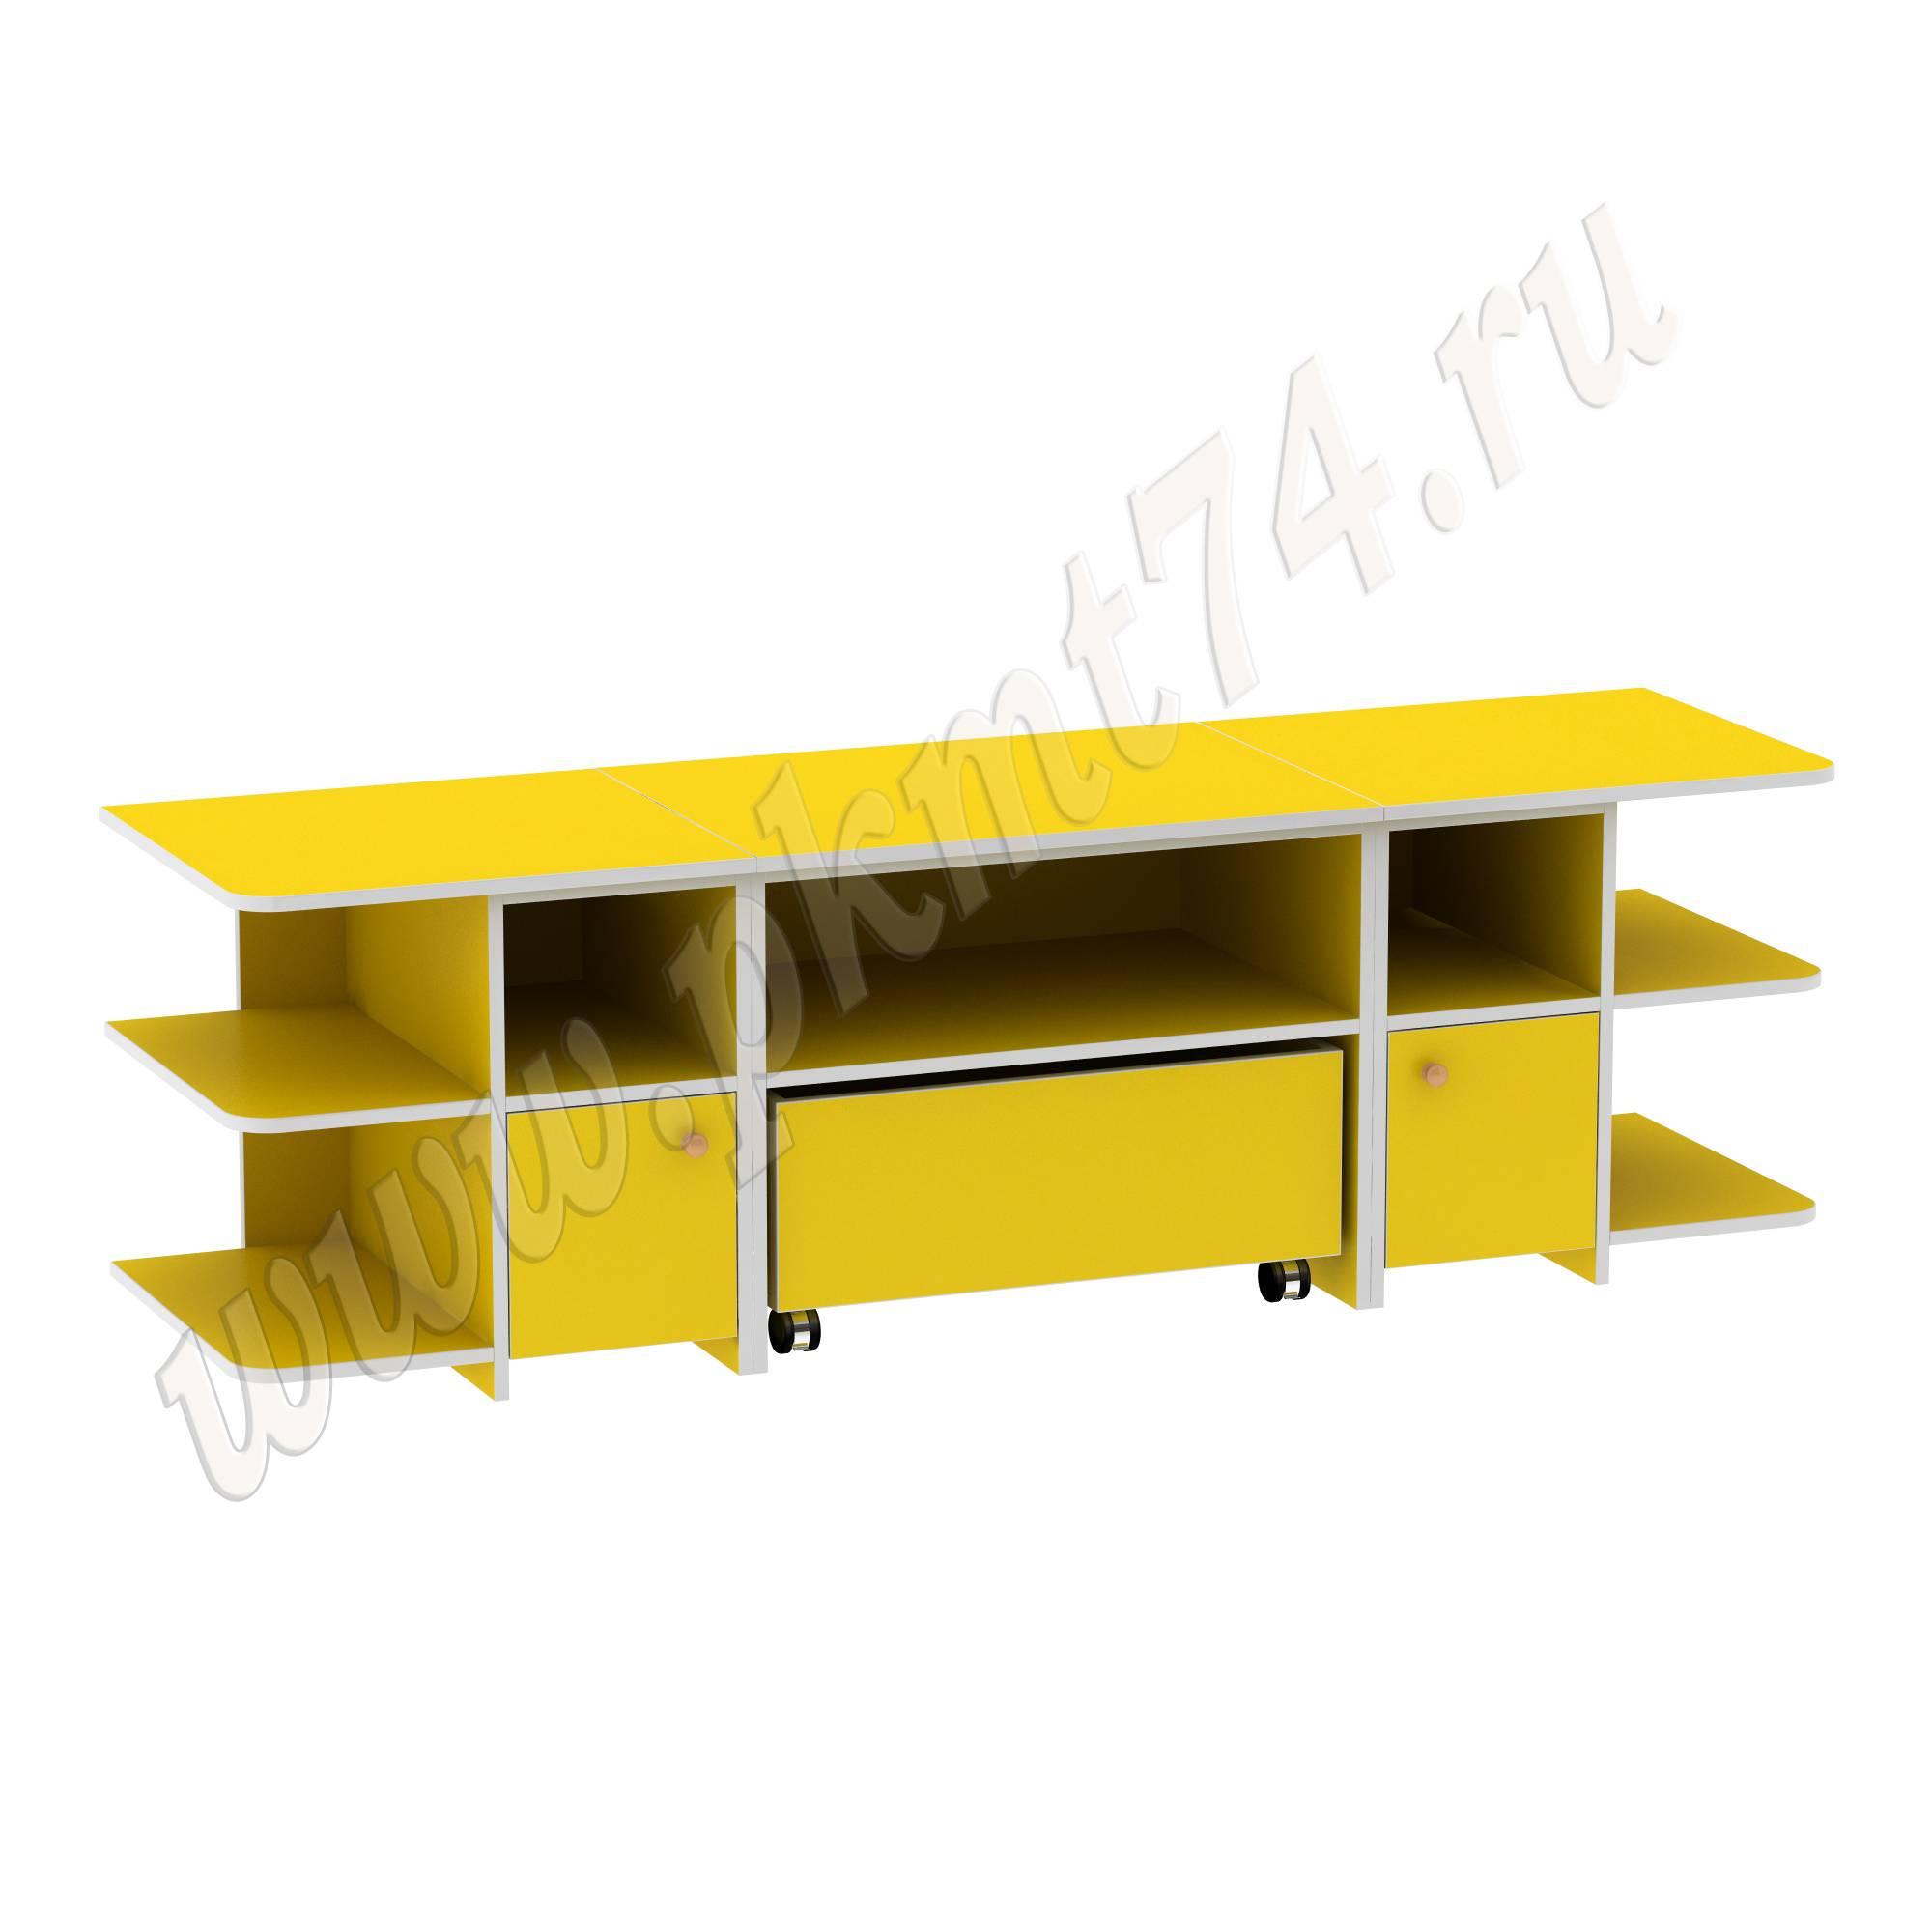 Игровой детский стол с полками для игрушек МТ 17-47 Желтый